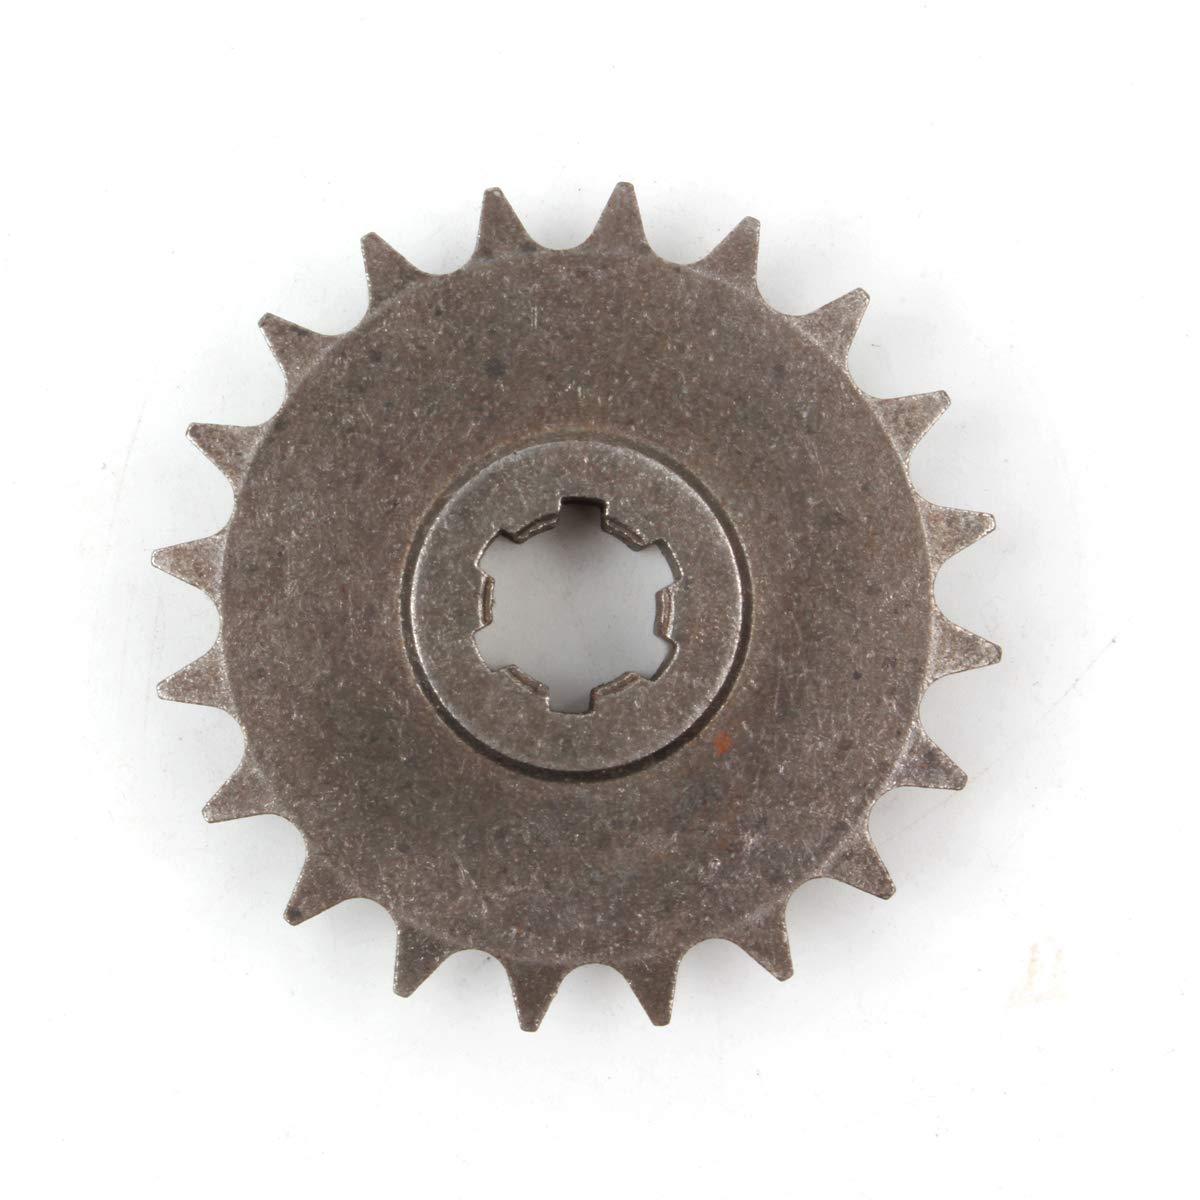 Pro Caken T8/F 20T pignone anteriore frizione Gear Box catena pignone 47/CC 49/cc Dirt bike Minimoto T8/F Pitch 20/denti